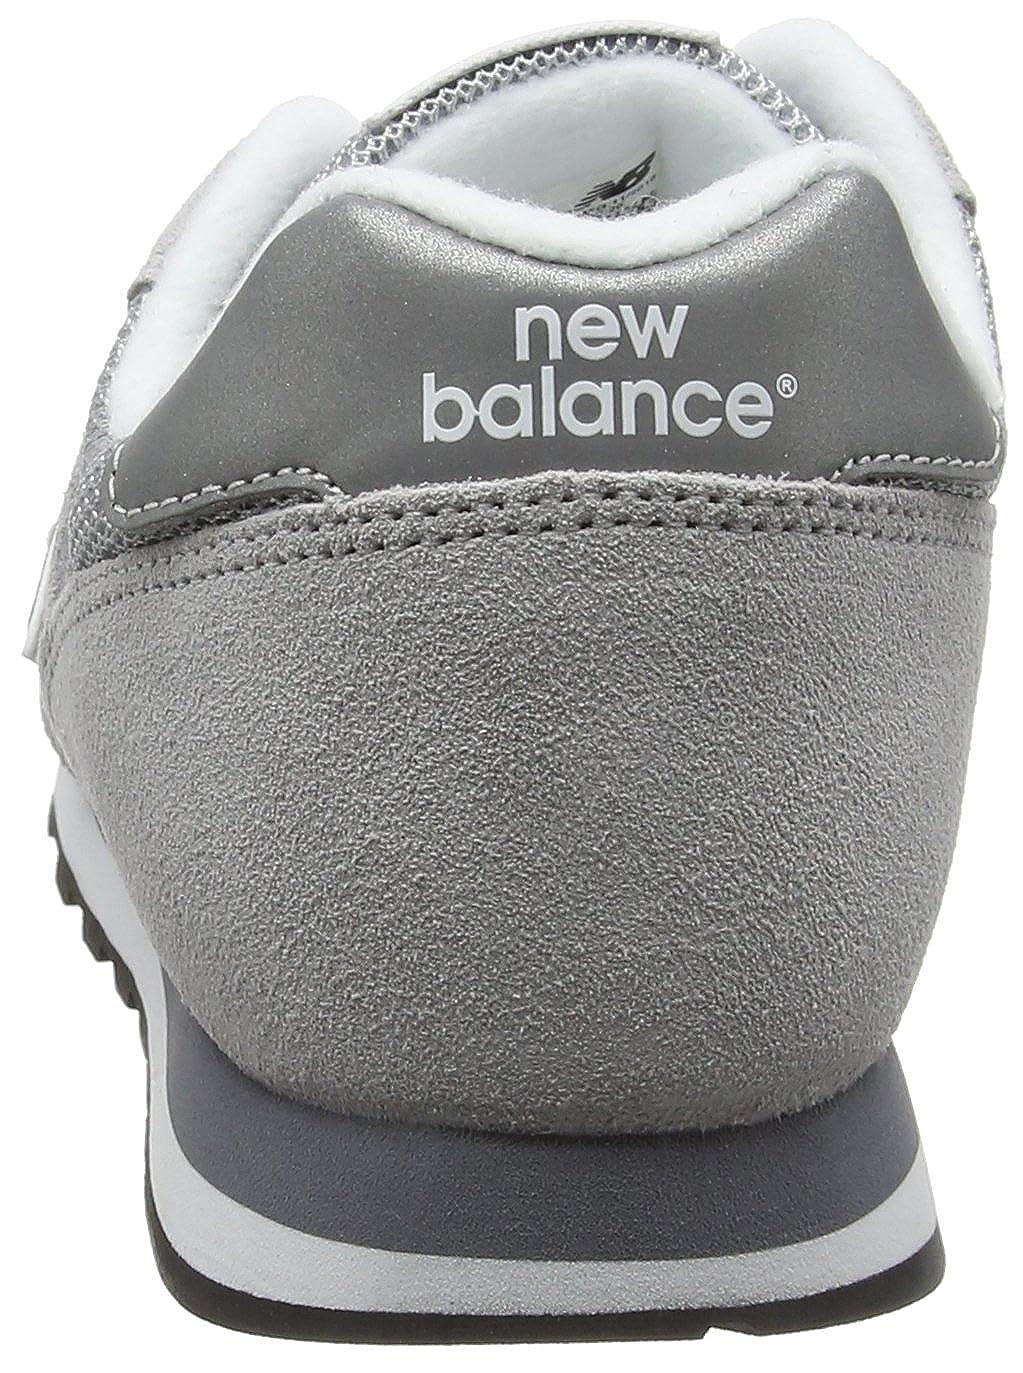 New Balance Herren Herren Herren ML373 Turnschuhe  79d6b9